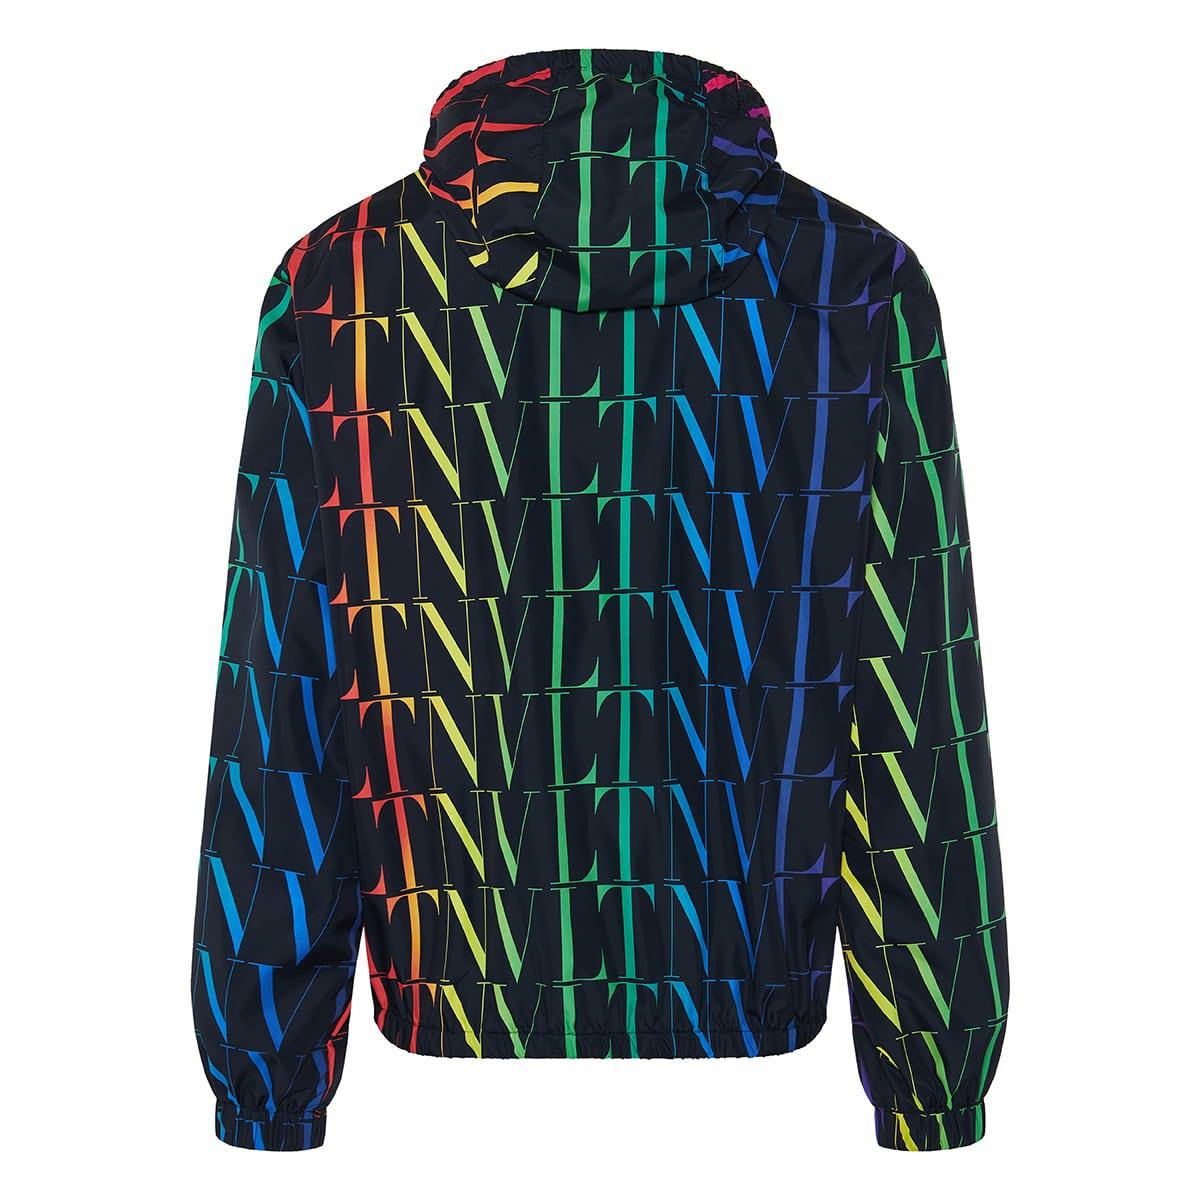 VLTN printed nylon jacket